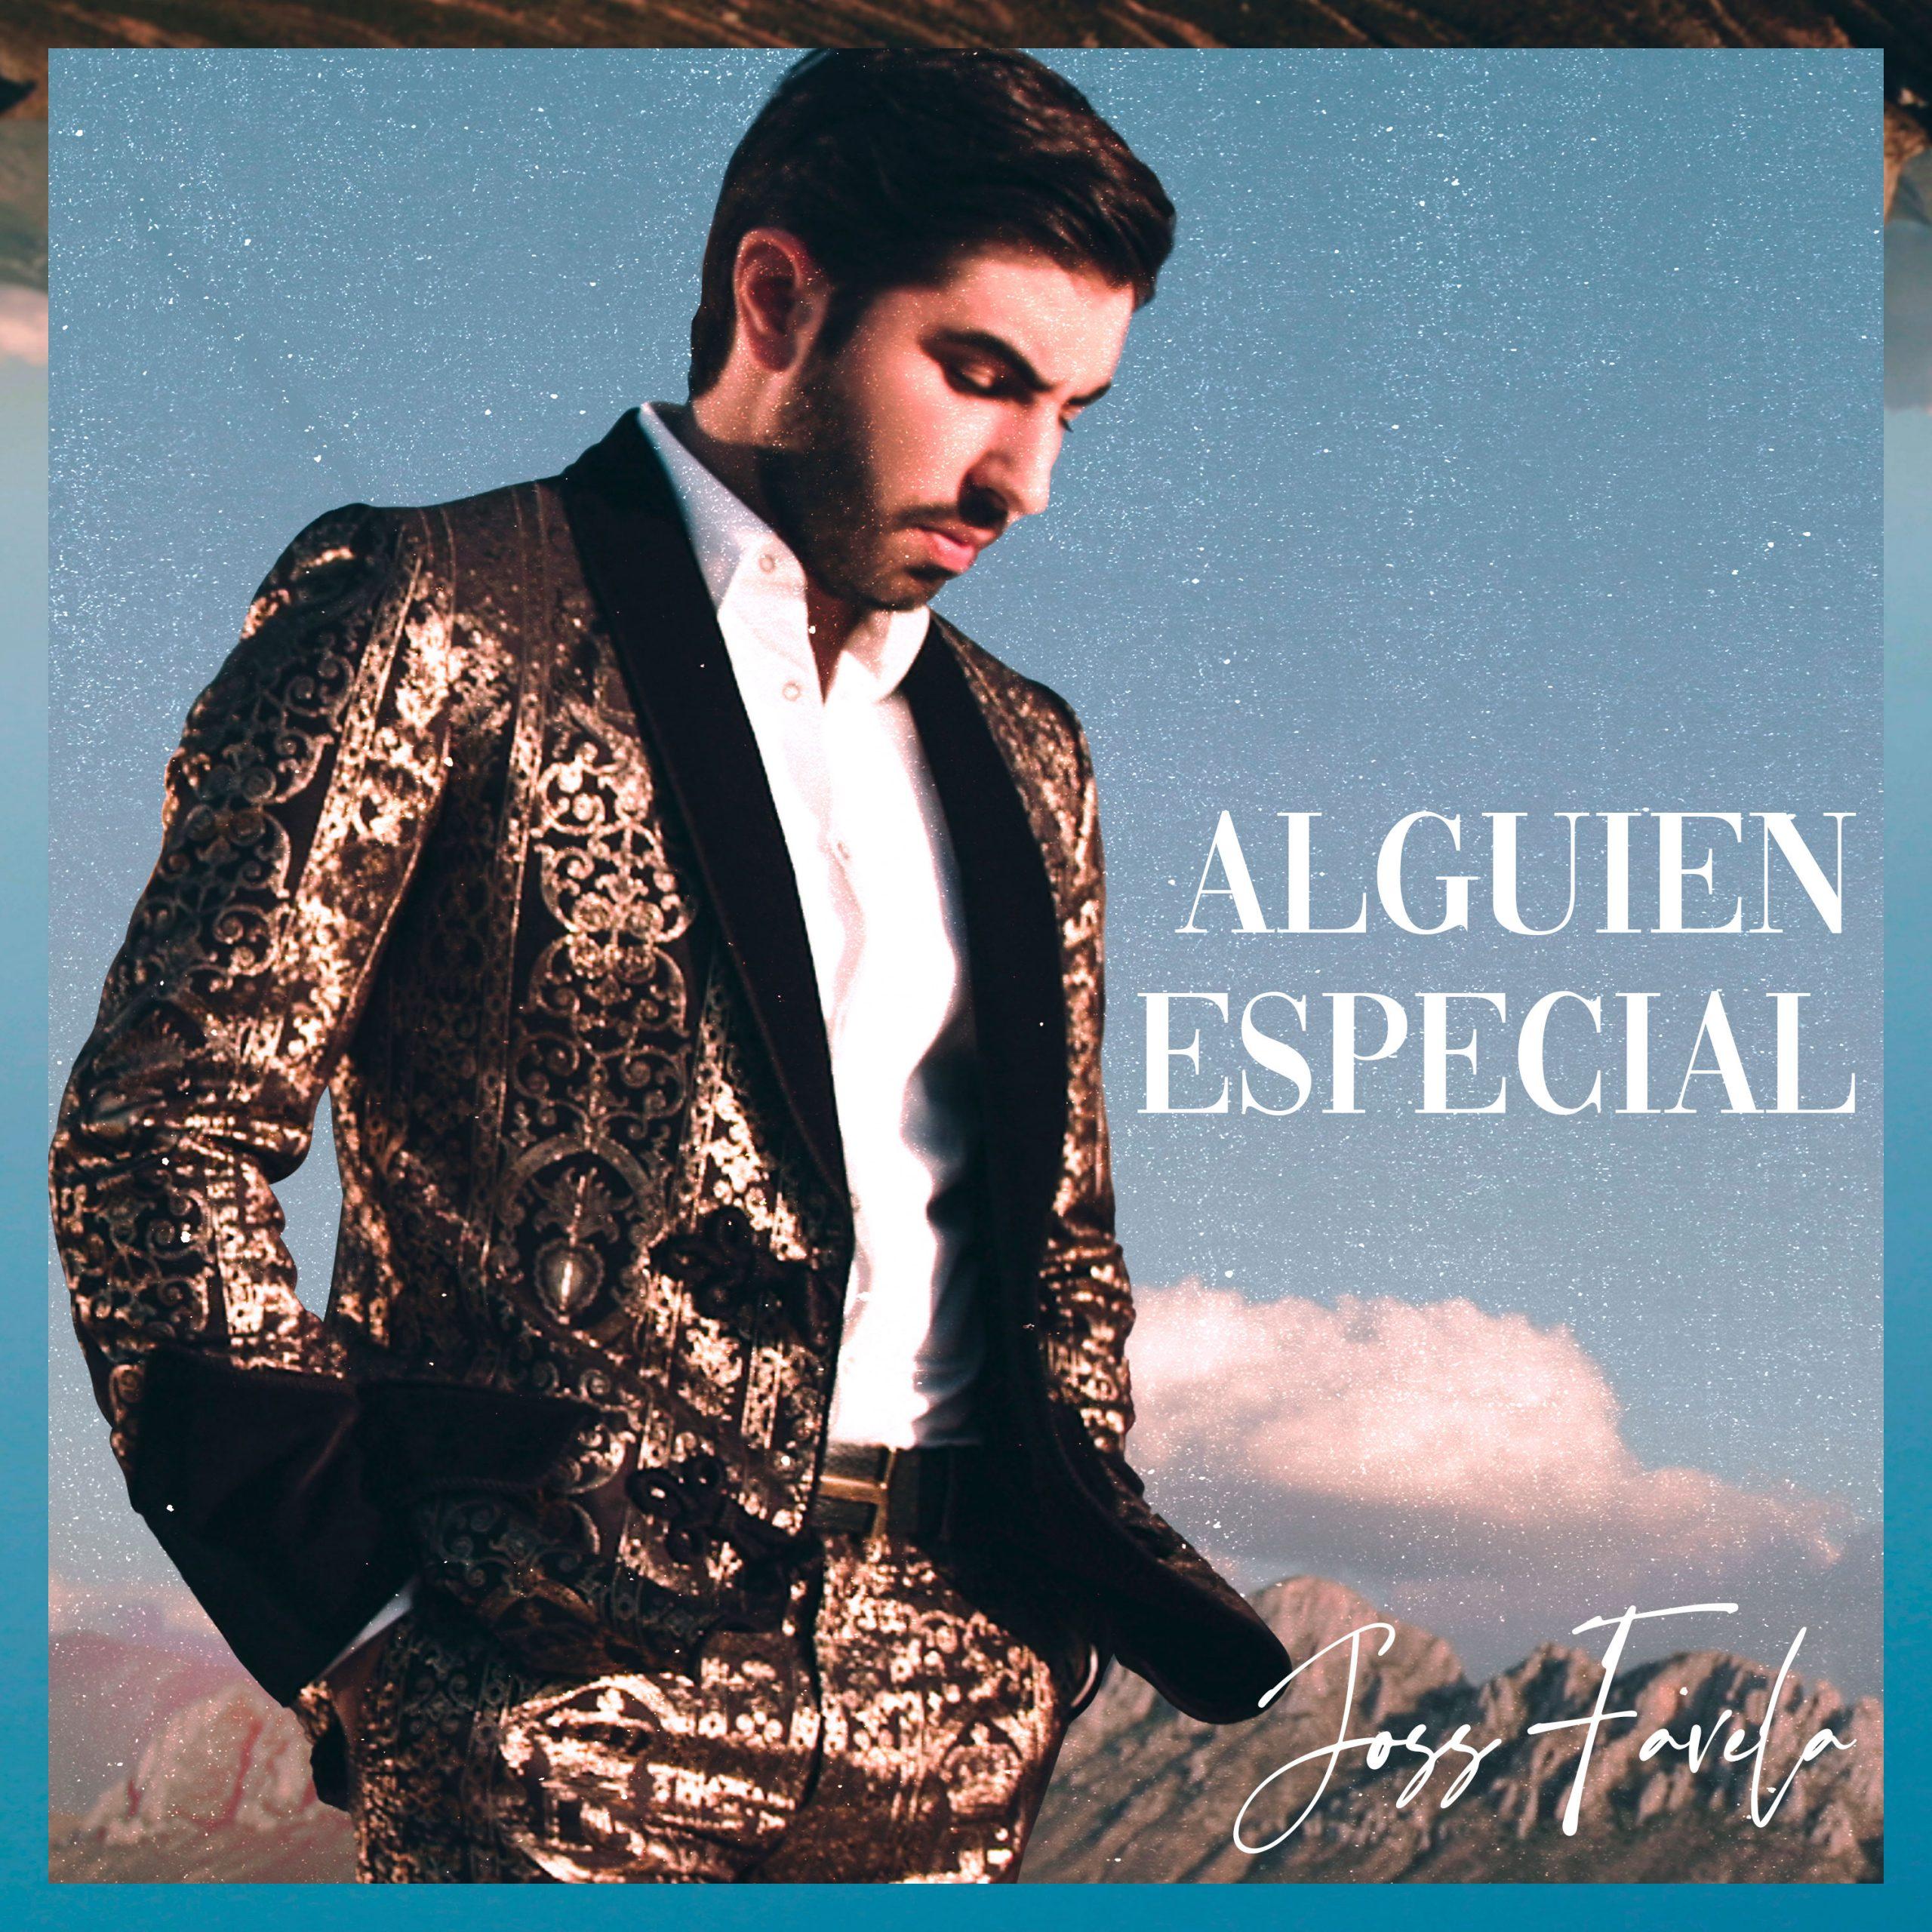 JossFavela-AlguienEspecial-Cover